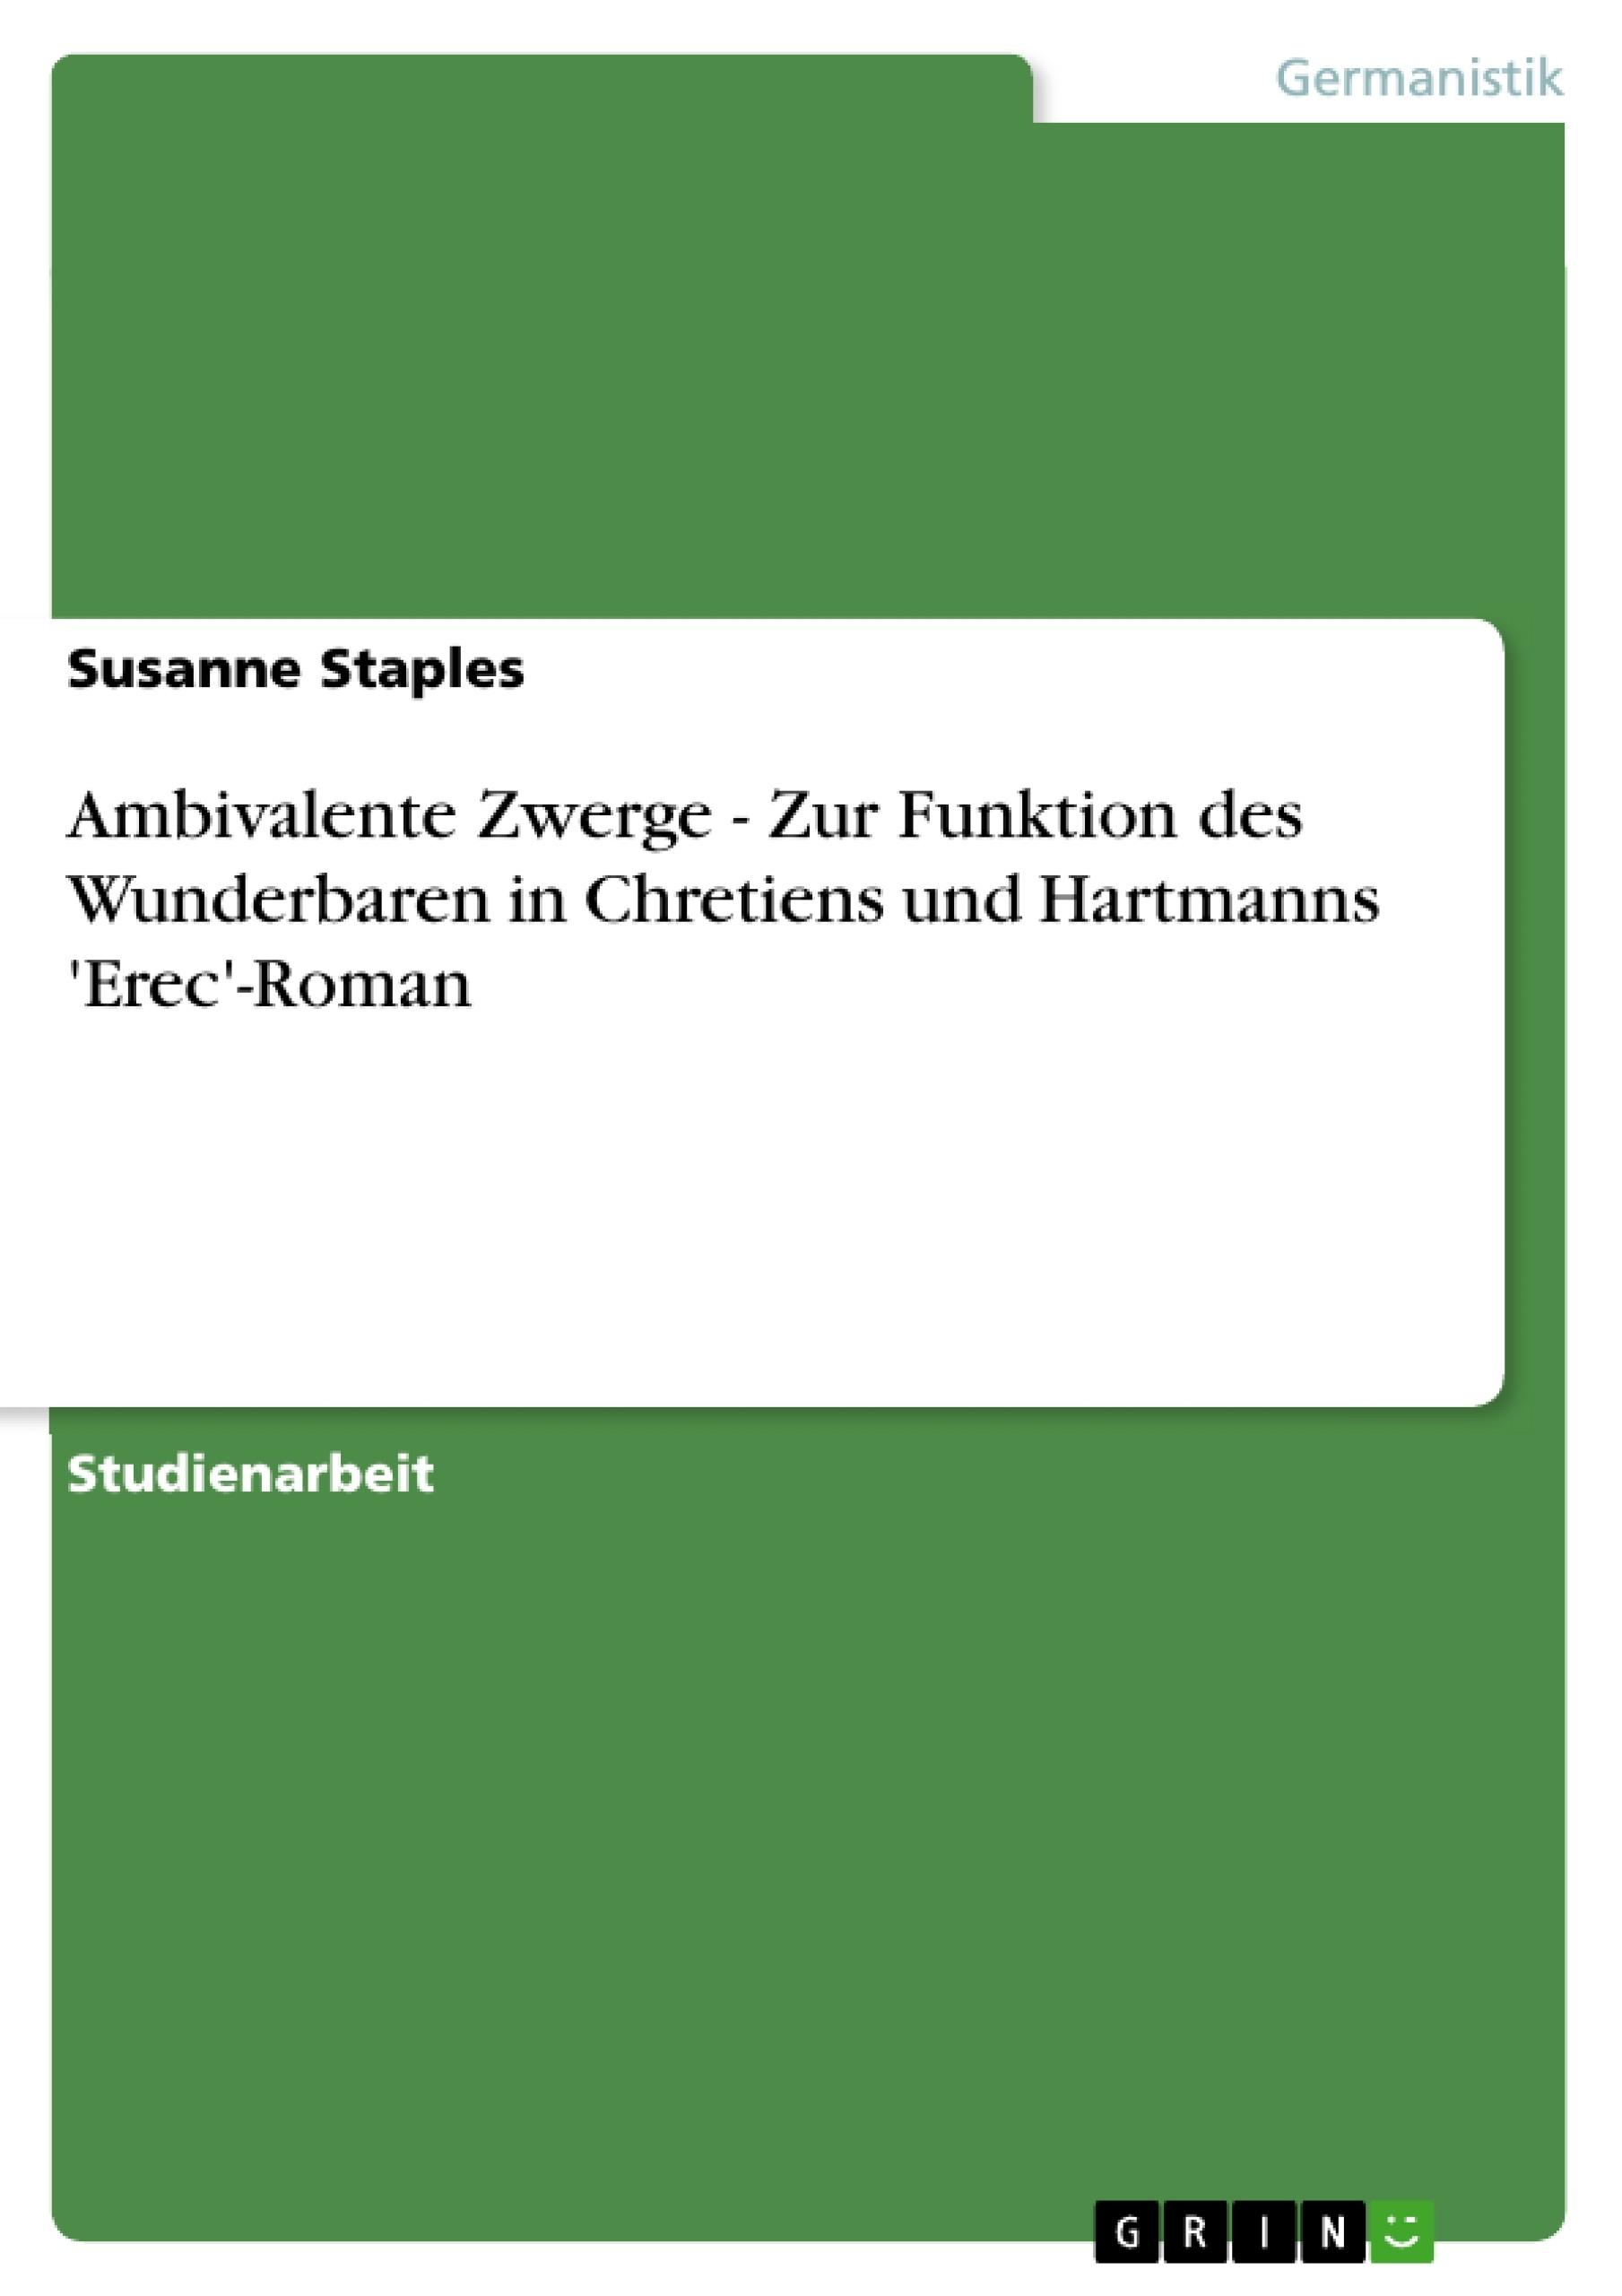 Titel: Ambivalente Zwerge - Zur Funktion des Wunderbaren in Chretiens und Hartmanns 'Erec'-Roman